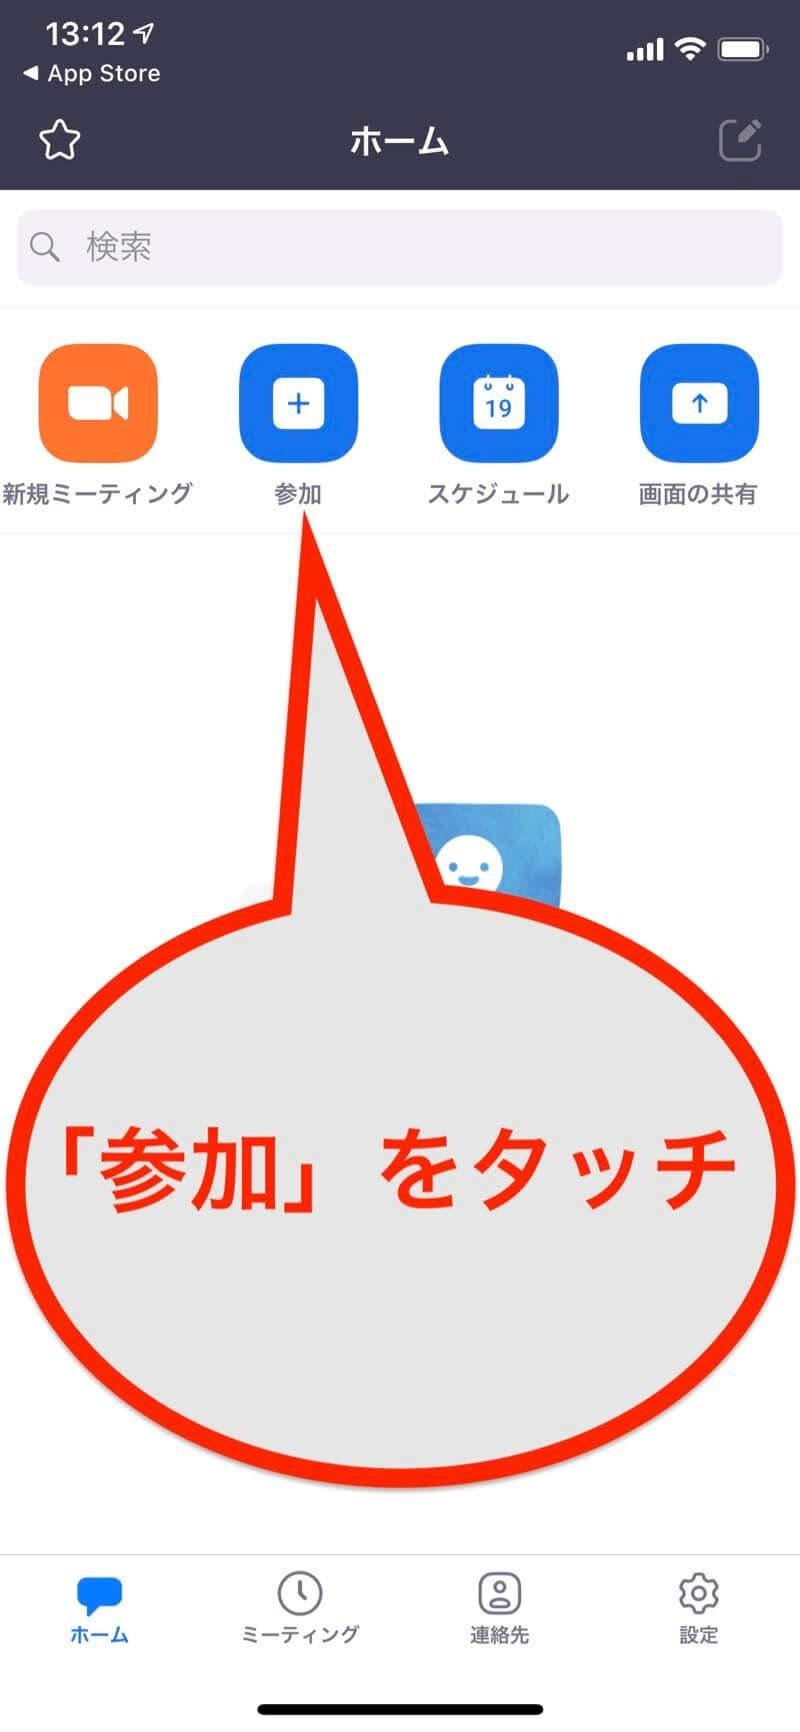 zoom参加方法のiPhone画像6